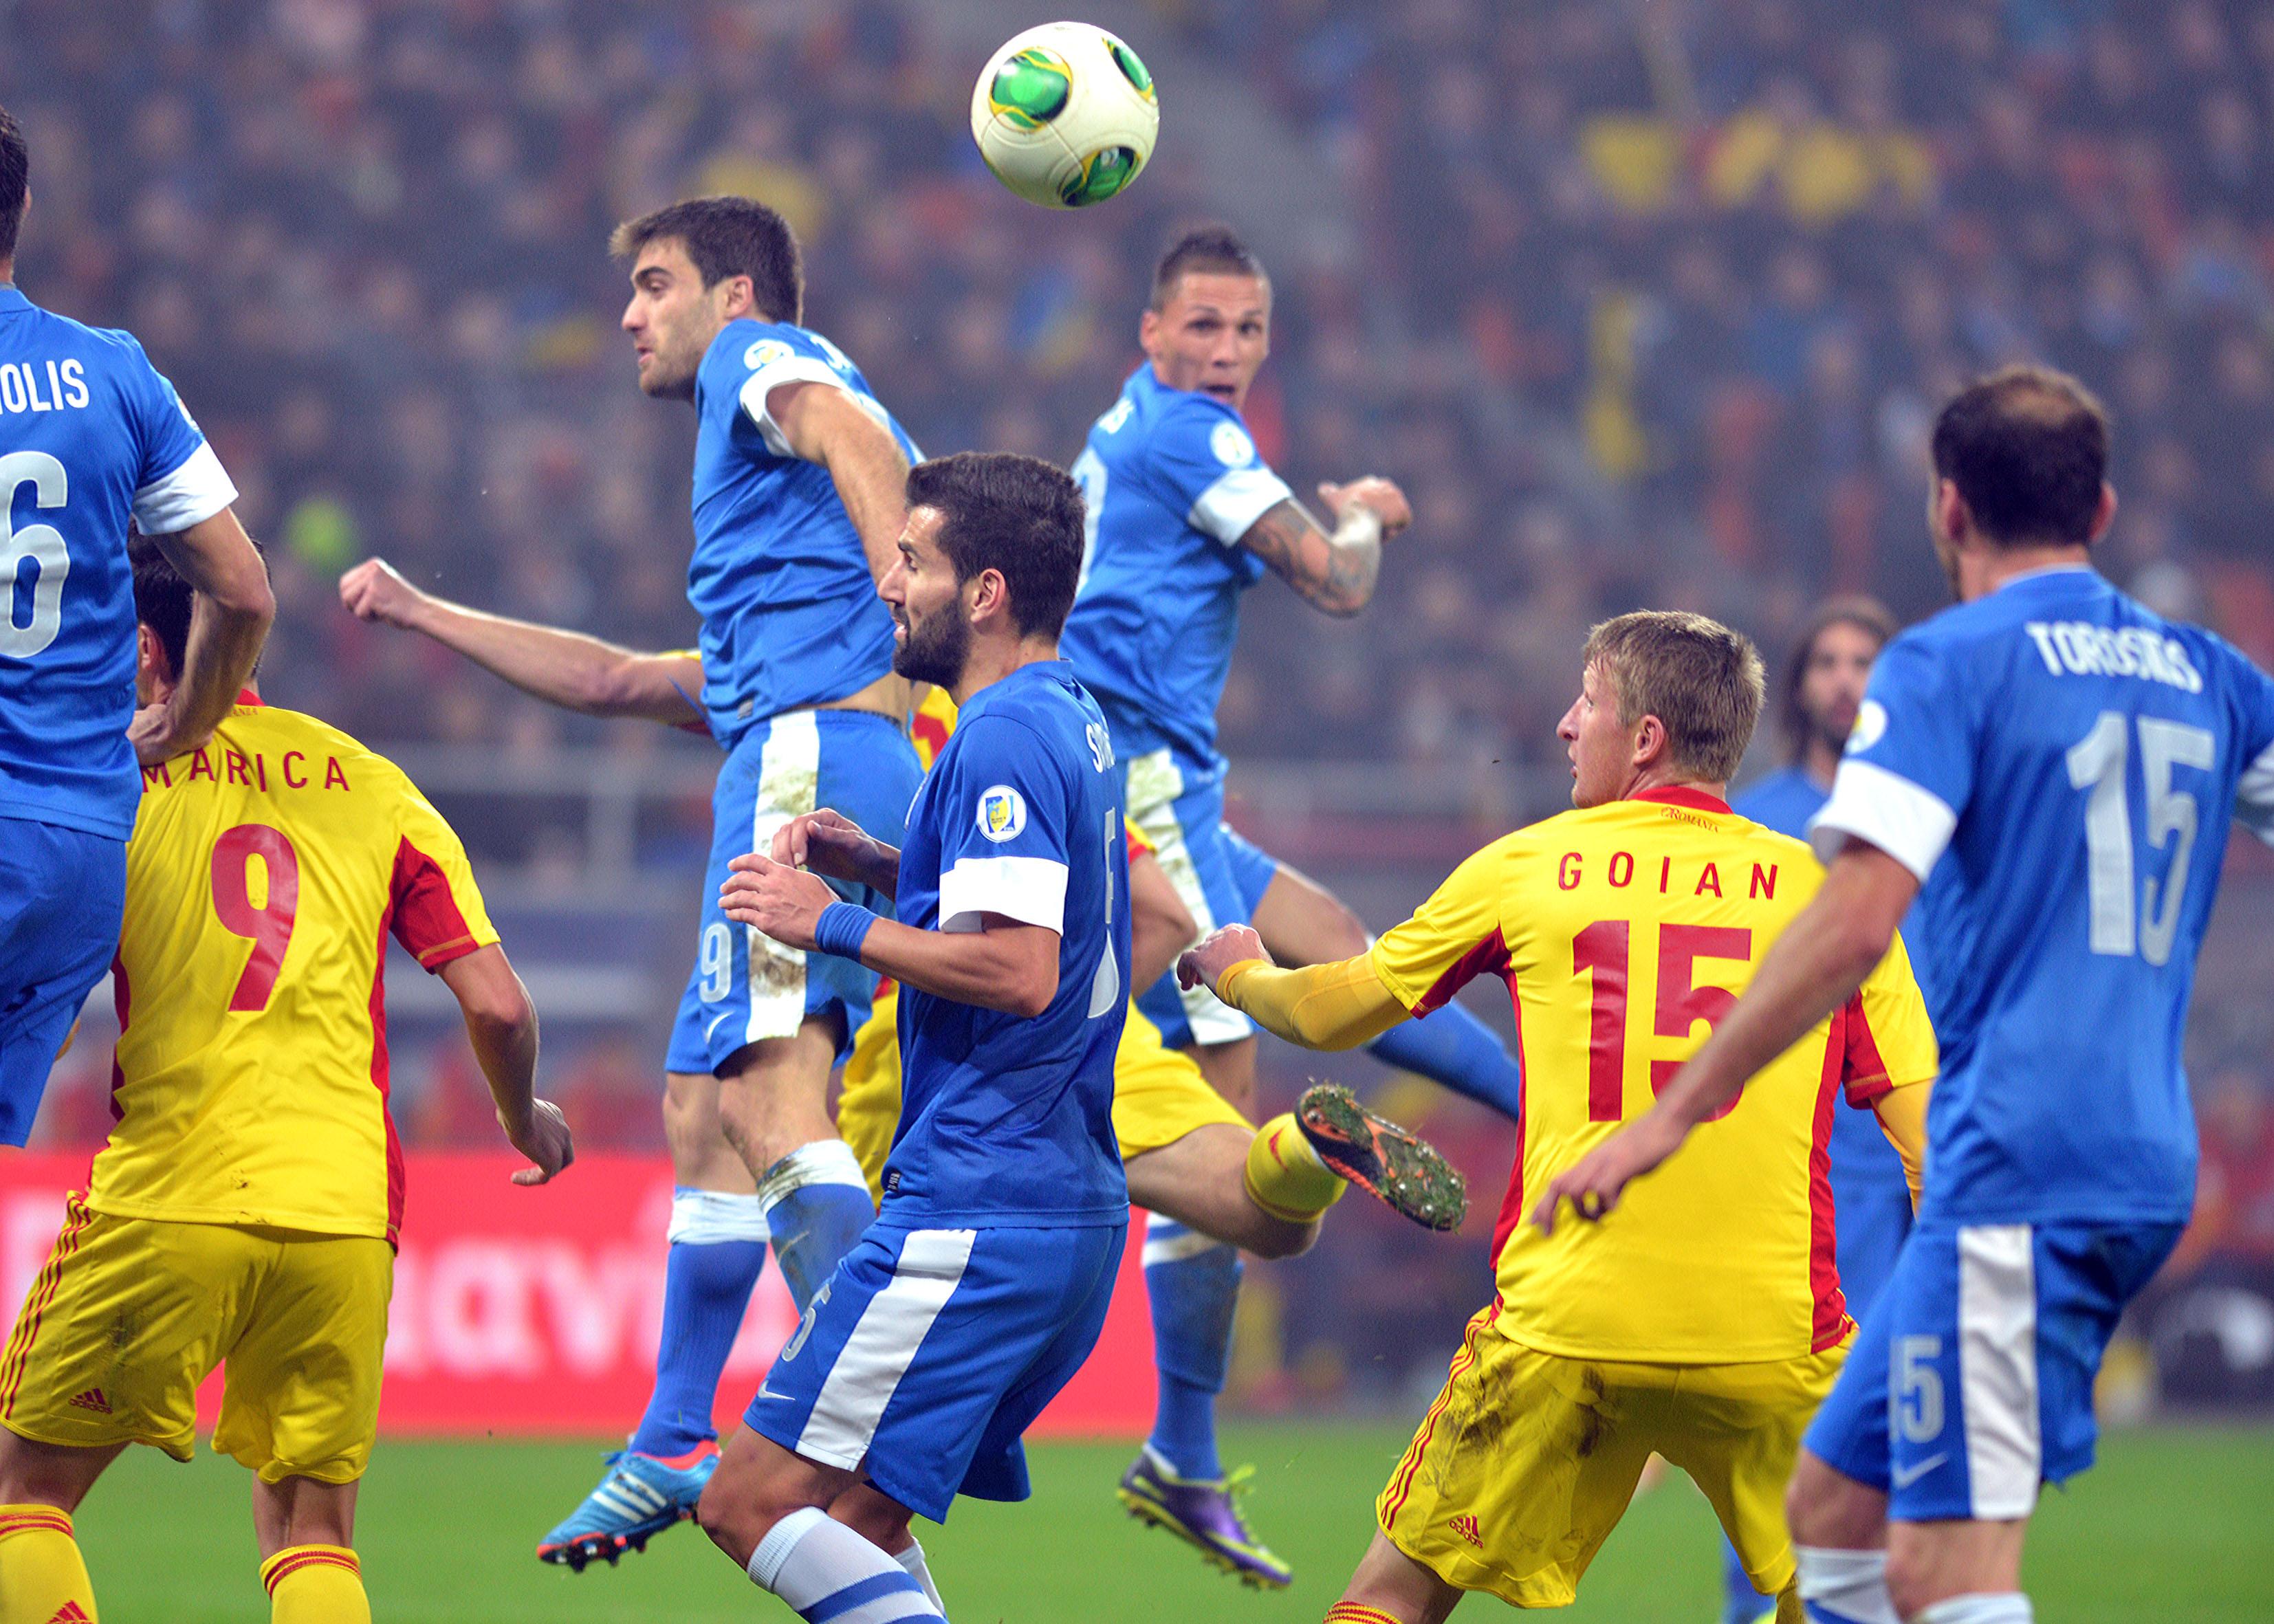 FOTBAL:ROMANIA-GRECIA, PRELIMINARIILE CM 2014 (19.11.2013)